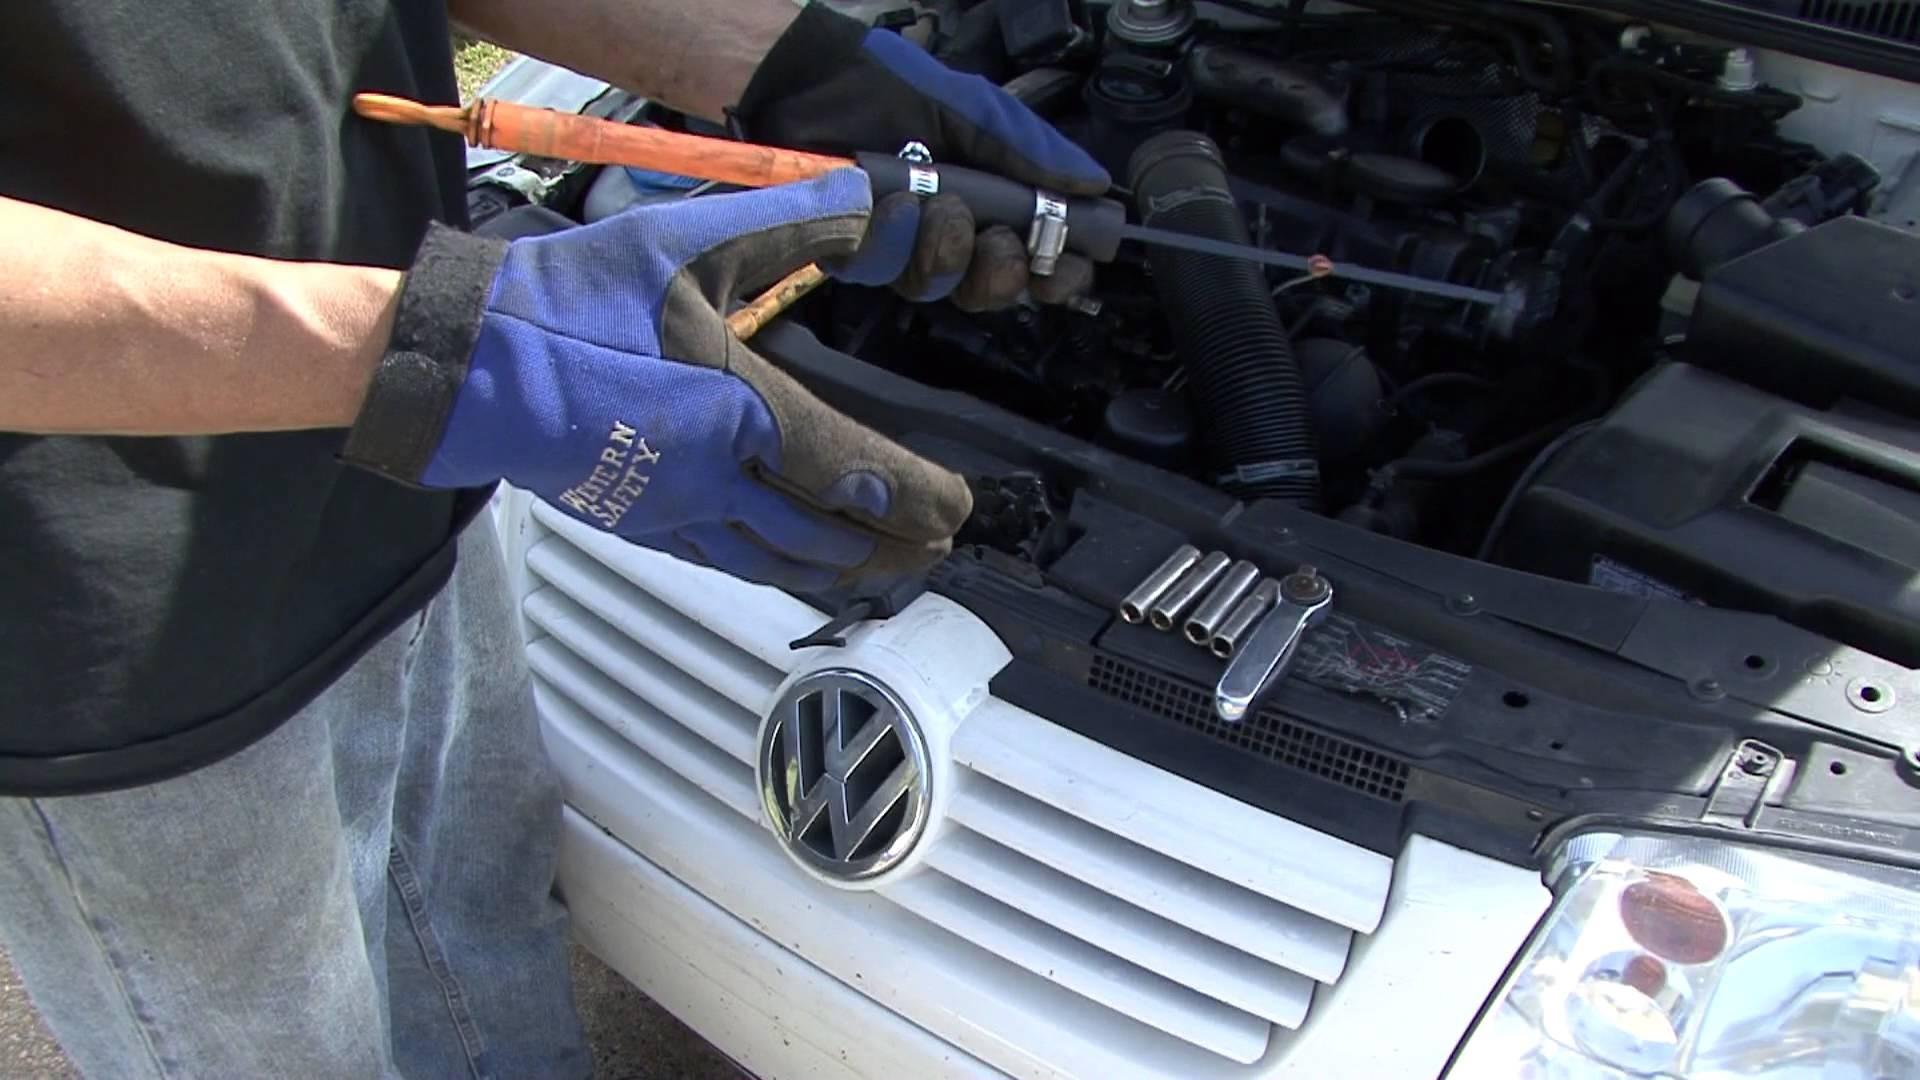 1999 Vw Passat Engine Diagram How to Fix A Volkswagen Oil Dip Stick Part 1 Of 1999 Vw Passat Engine Diagram